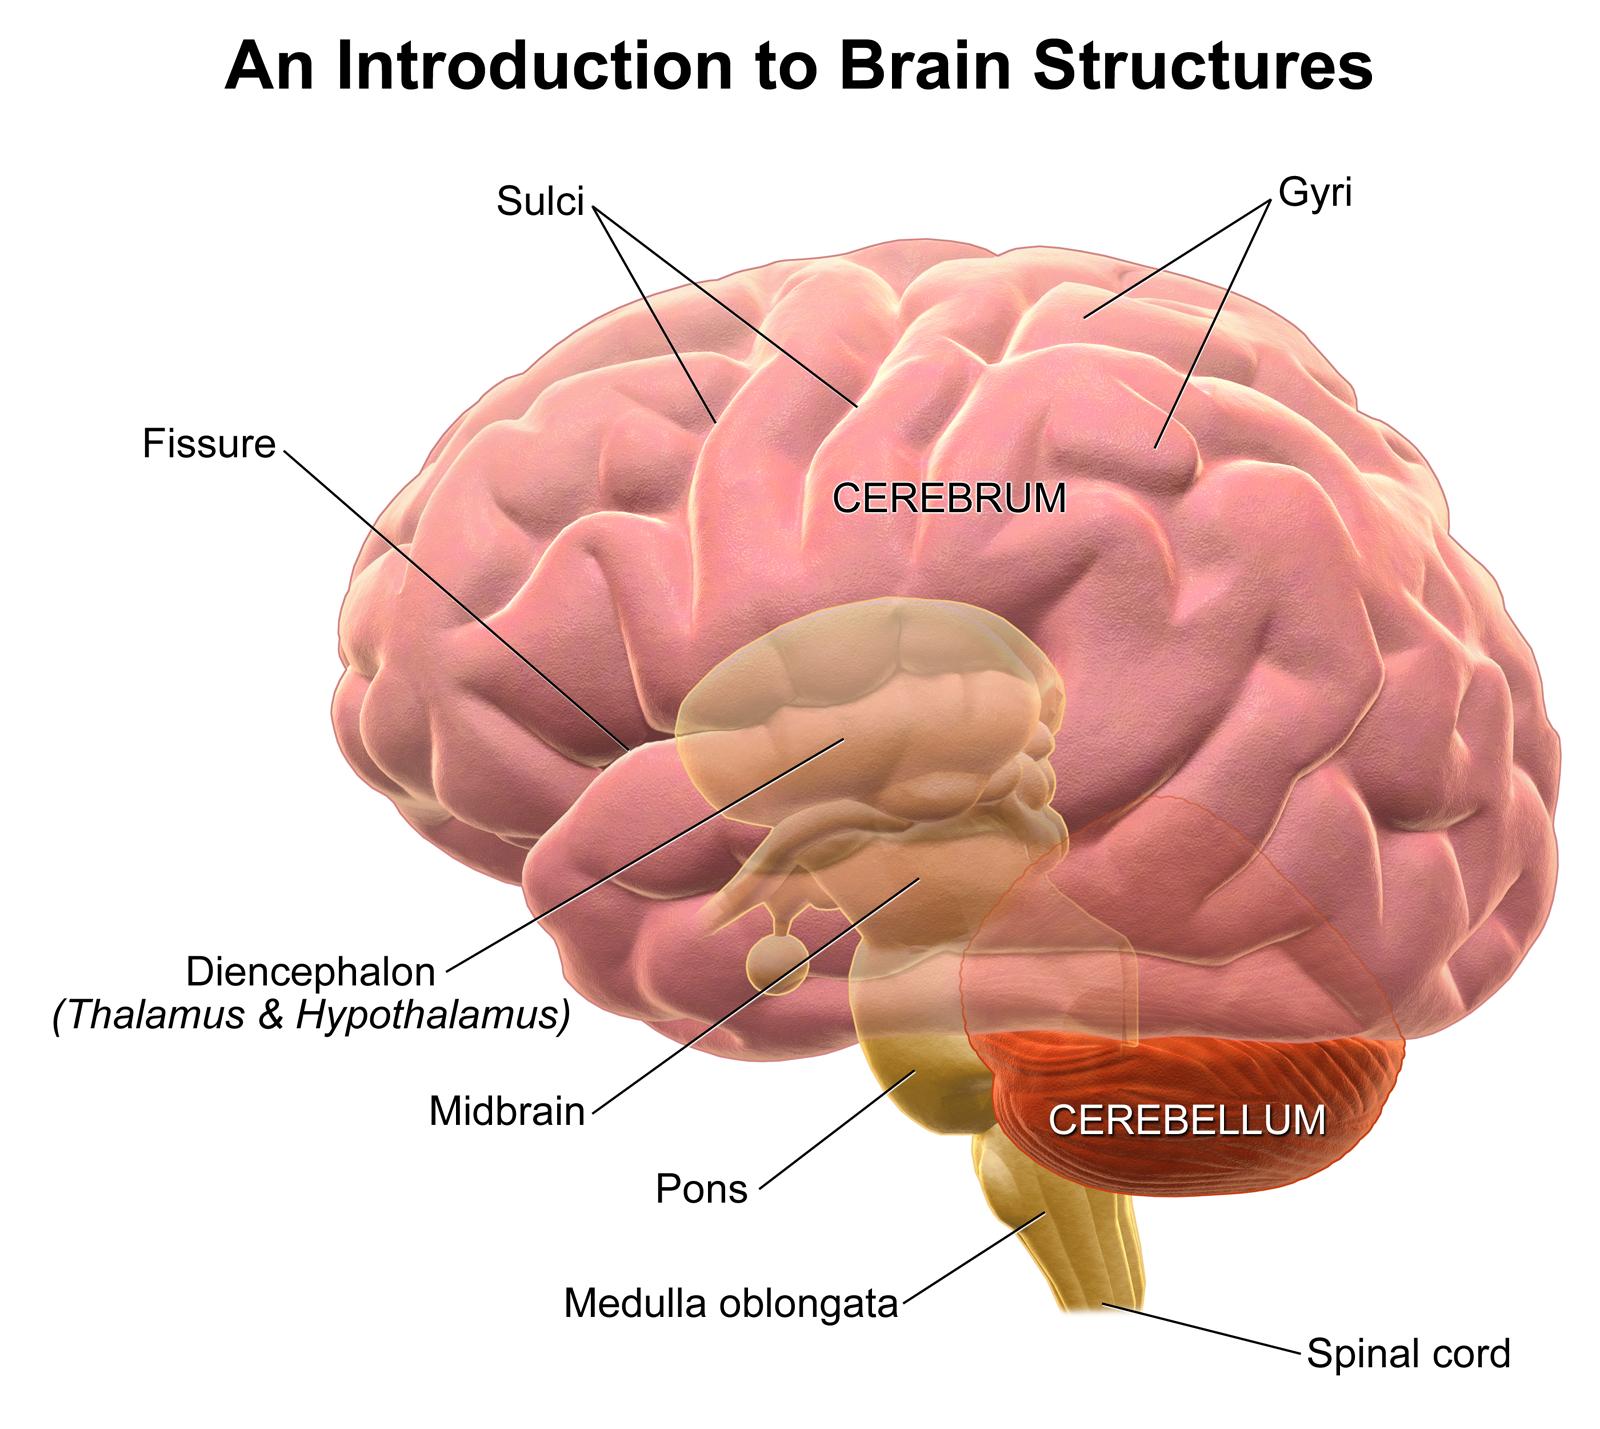 autosomal recessive cerebellar ataxia type 1 - wikipedia